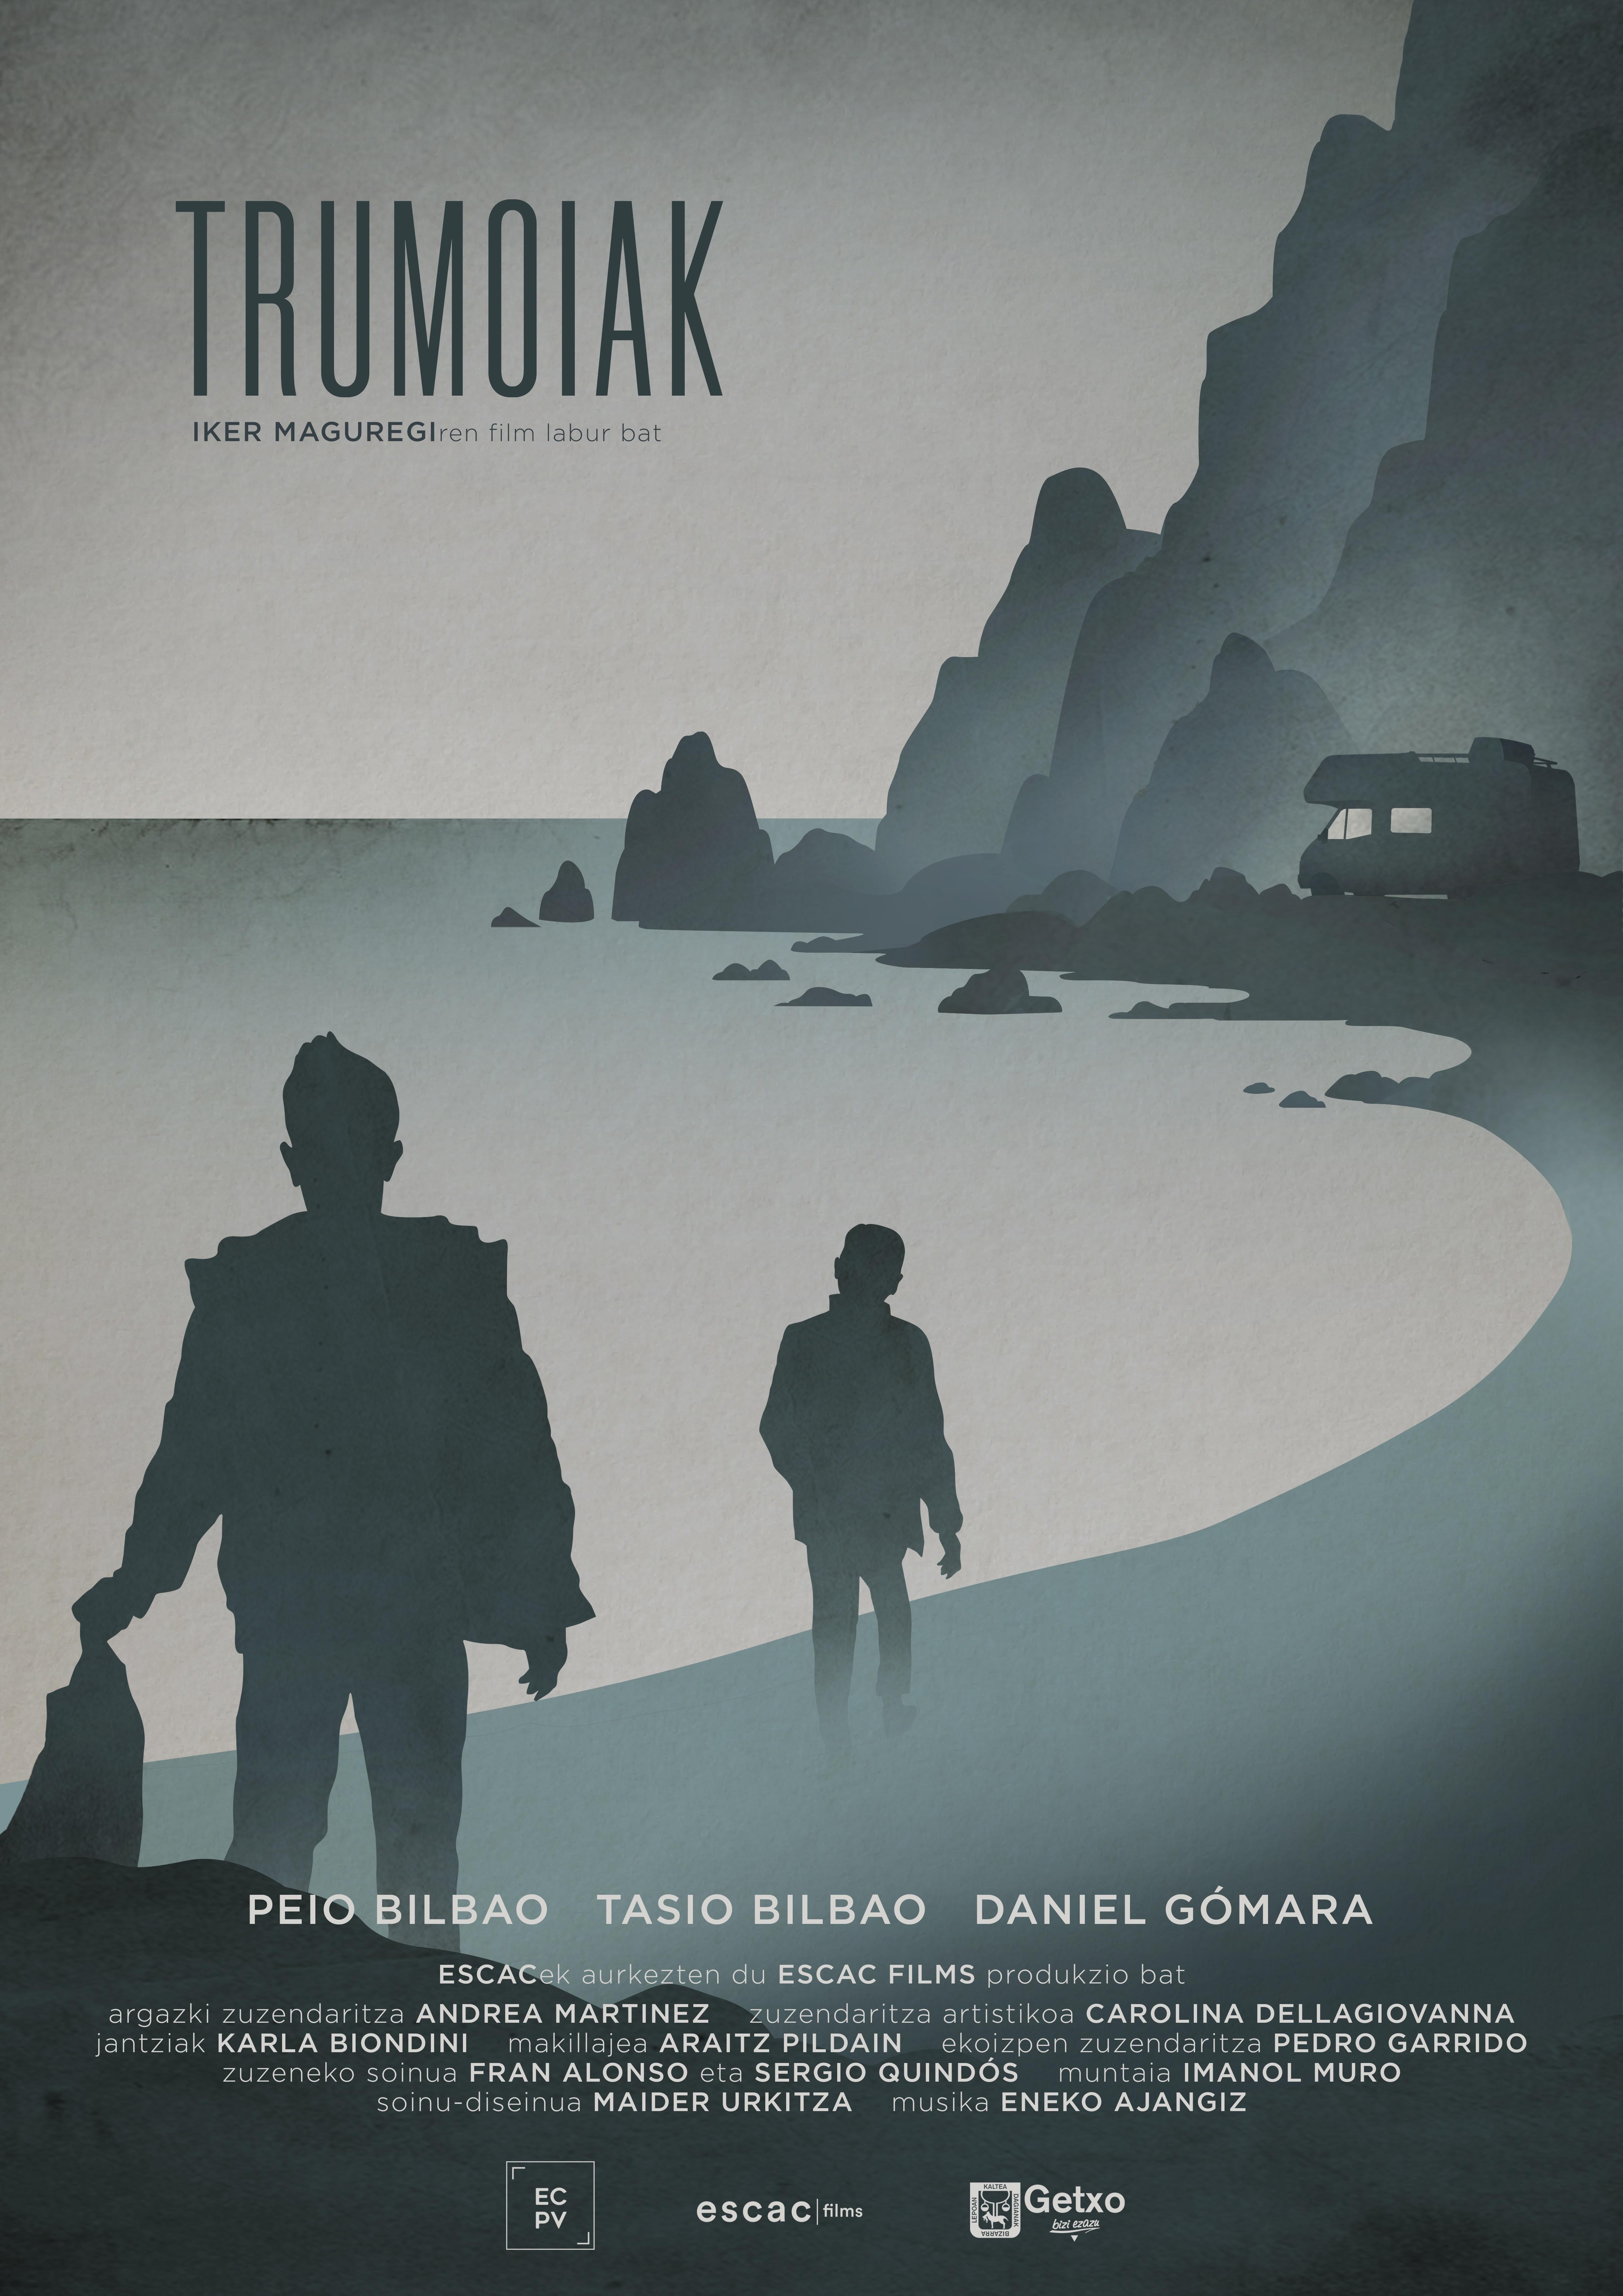 Trumoiak